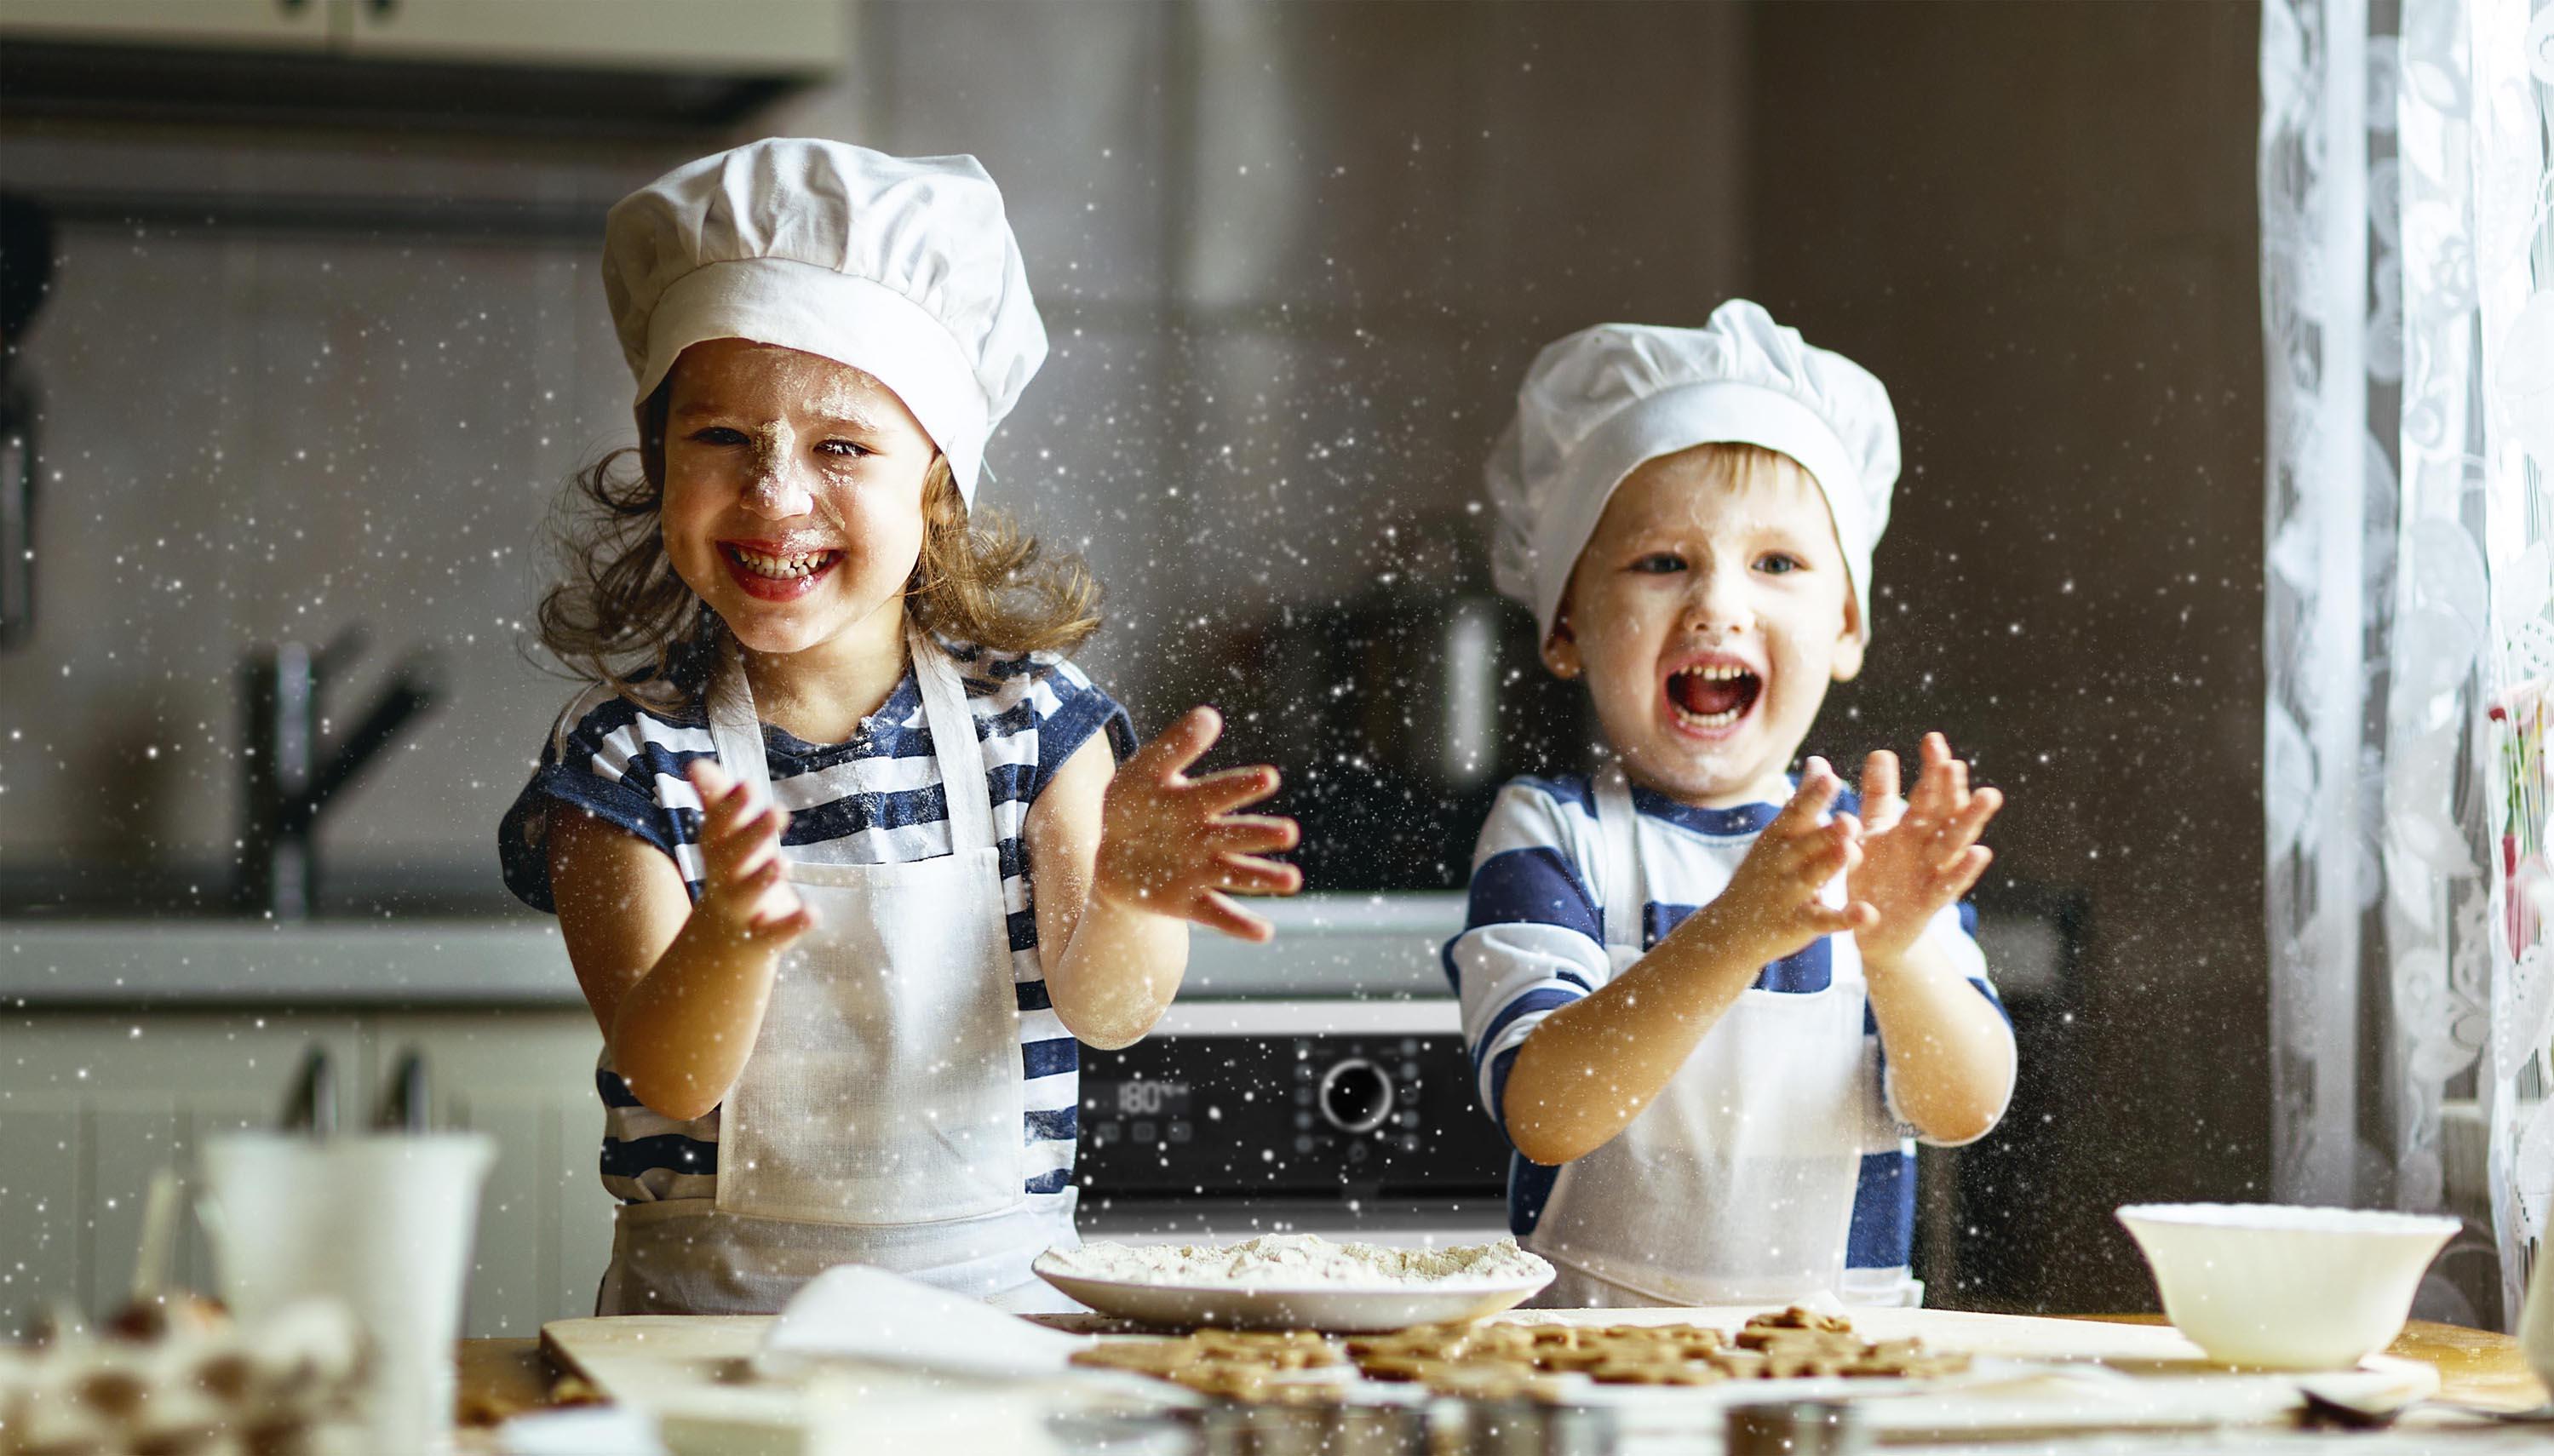 Area30 löhne 2017: oranier küchentechnik liefert alle zutaten für